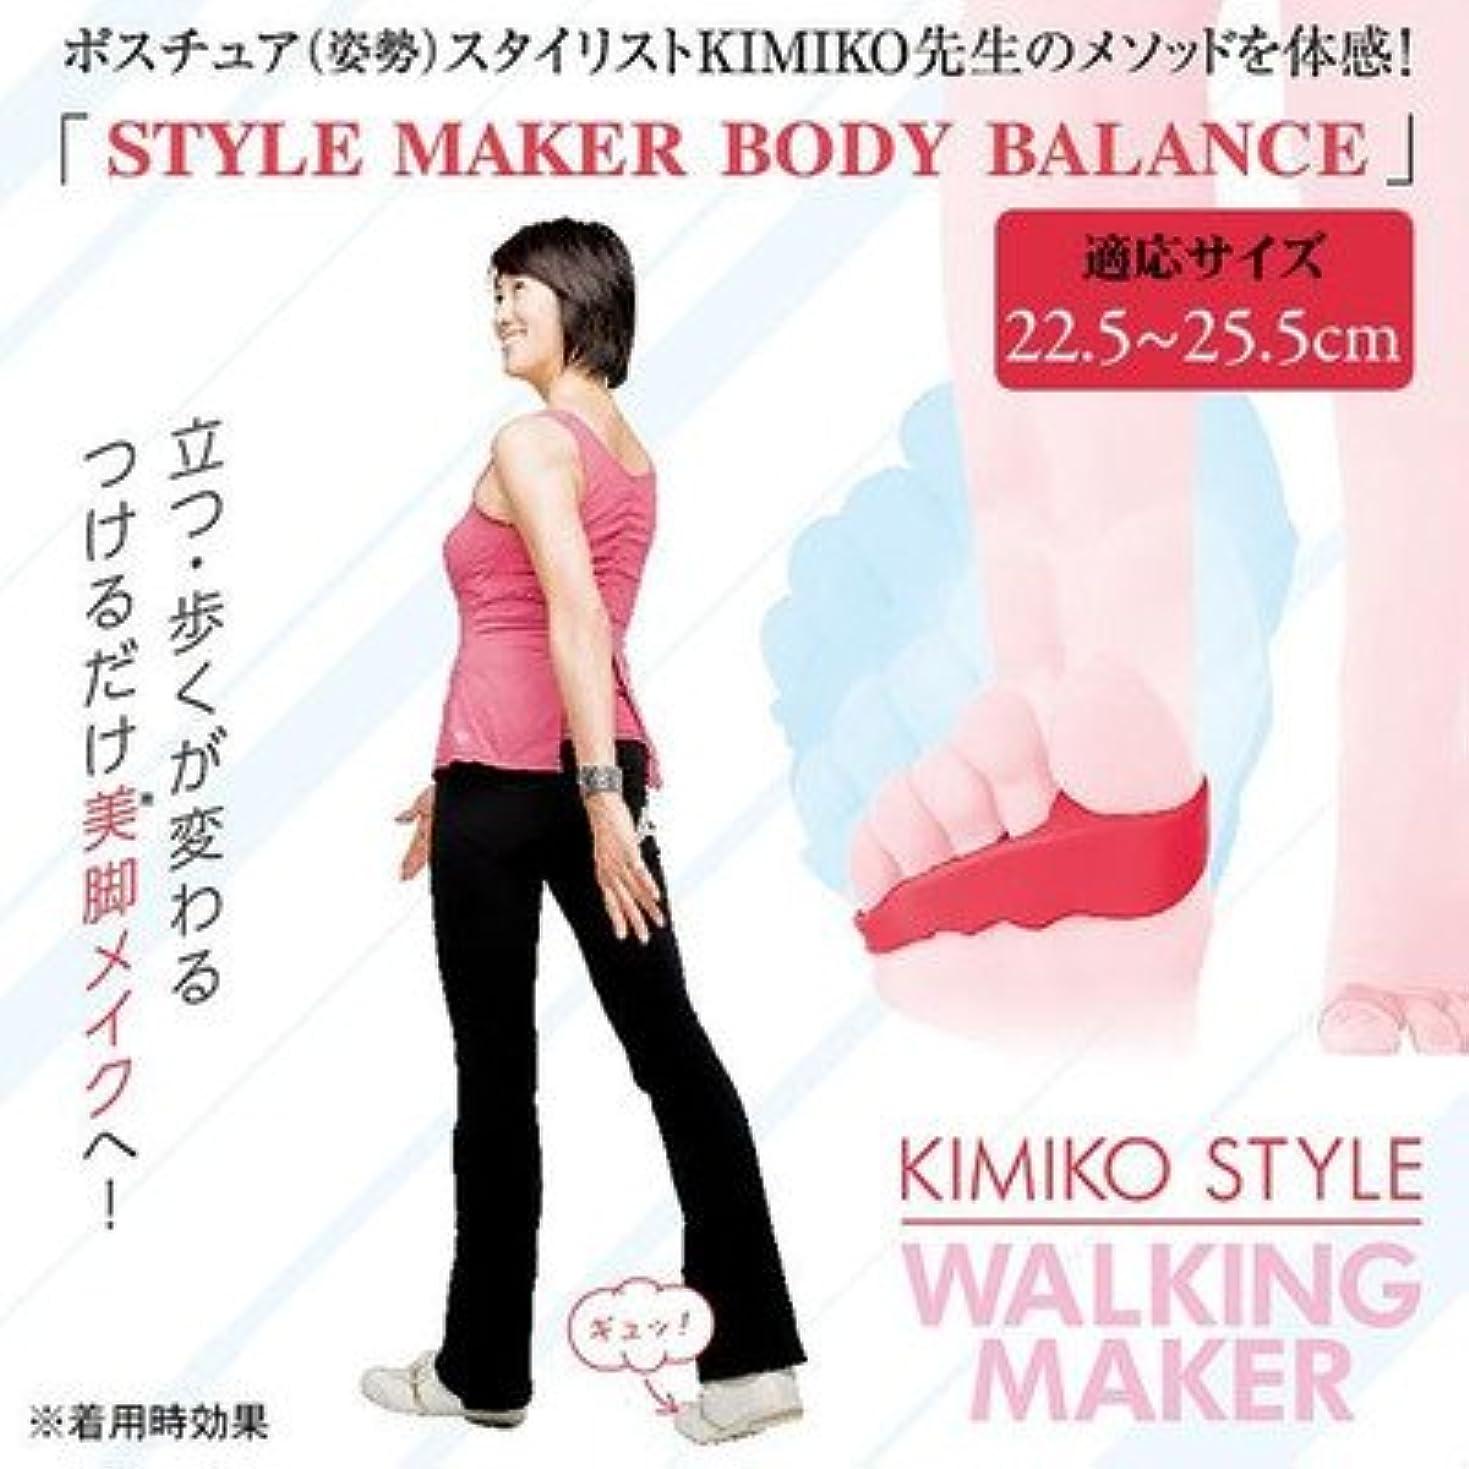 意味のある侵略ブロッサム付けて歩いて 正しい歩行姿勢へナビゲート KIMIKO STYLE キミコスタイル WALKING MAKER ウォーキングメーカー 1足入